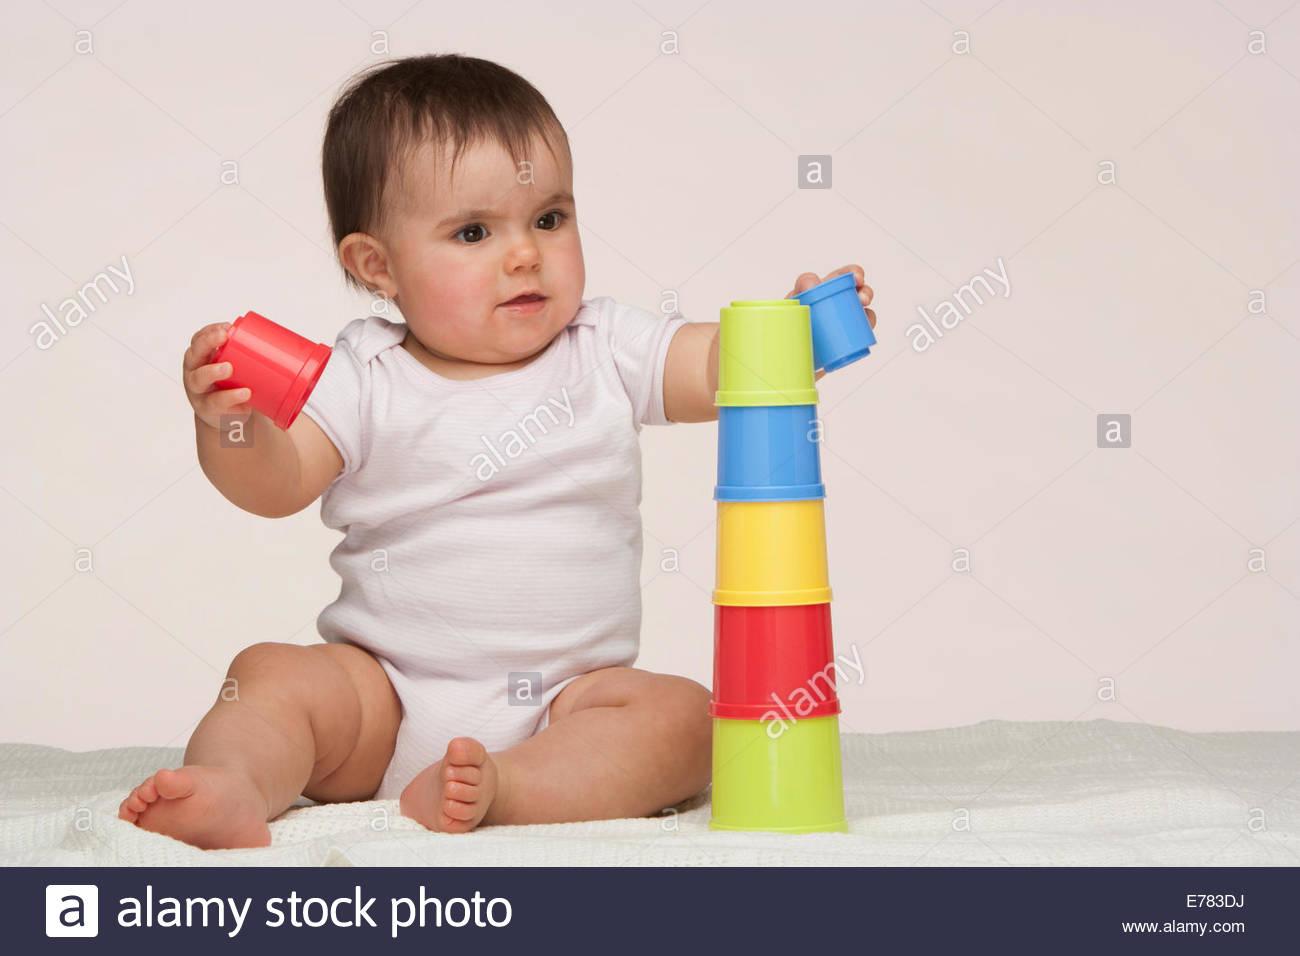 8756c50b46 Un bambino gioca con la costruzione di giocattoli Immagini Stock